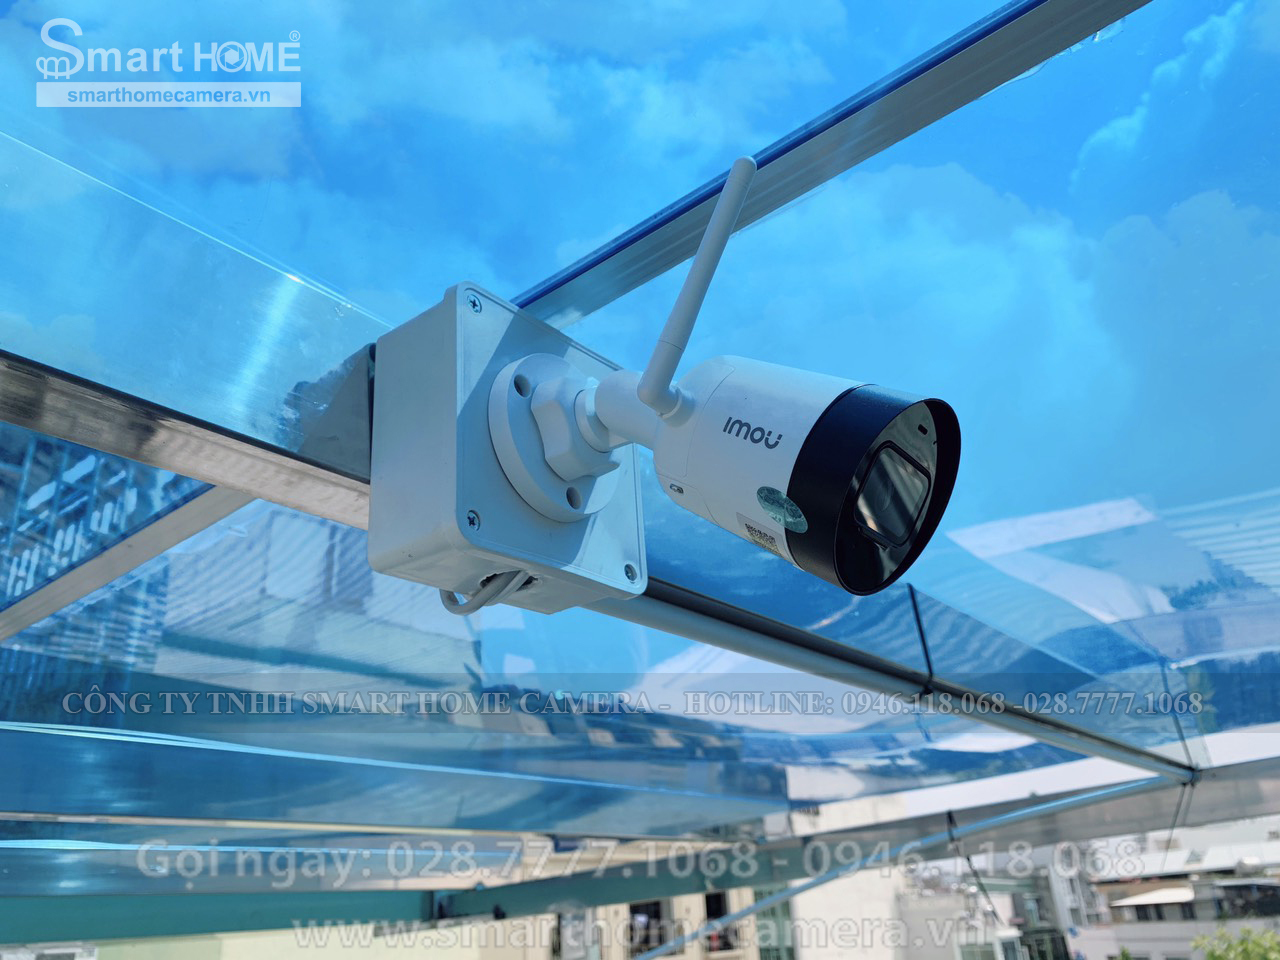 Lắp đặt camera quan sát Imou tại quận 1